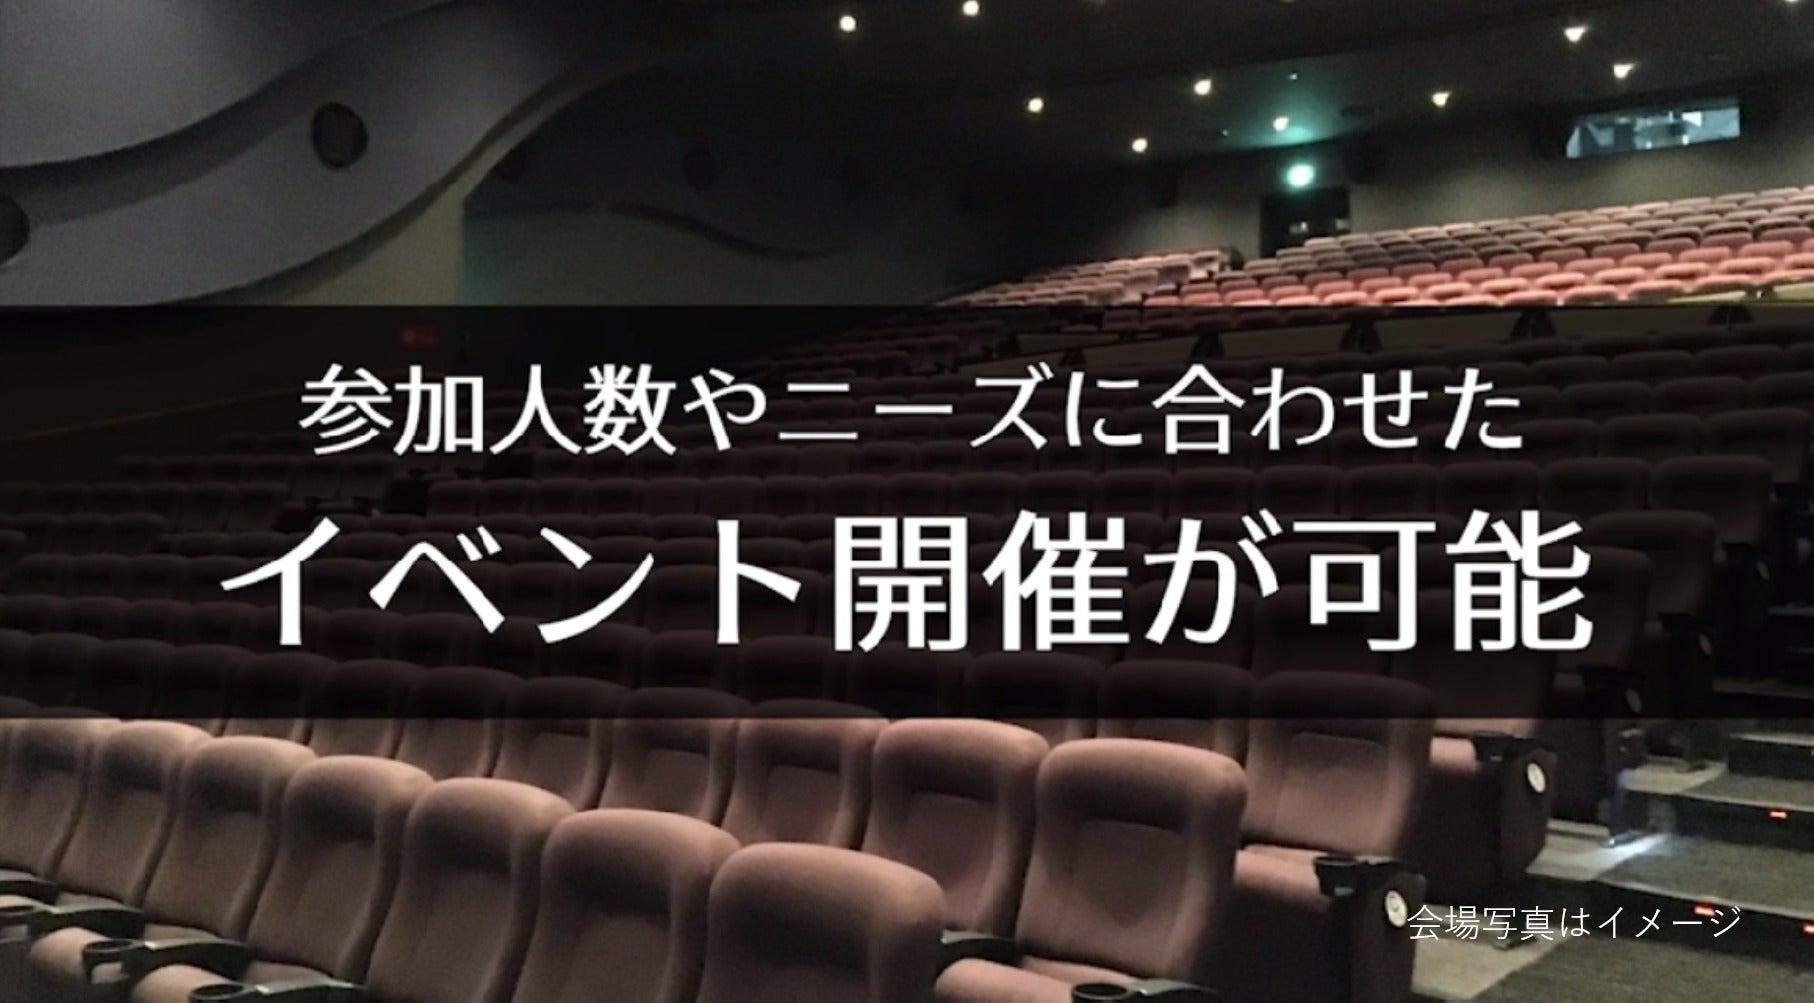 【枚方 144席】映画館で、会社説明会、株主総会、講演会の企画はいかがですか?(ユナイテッド・シネマ枚方) の写真0